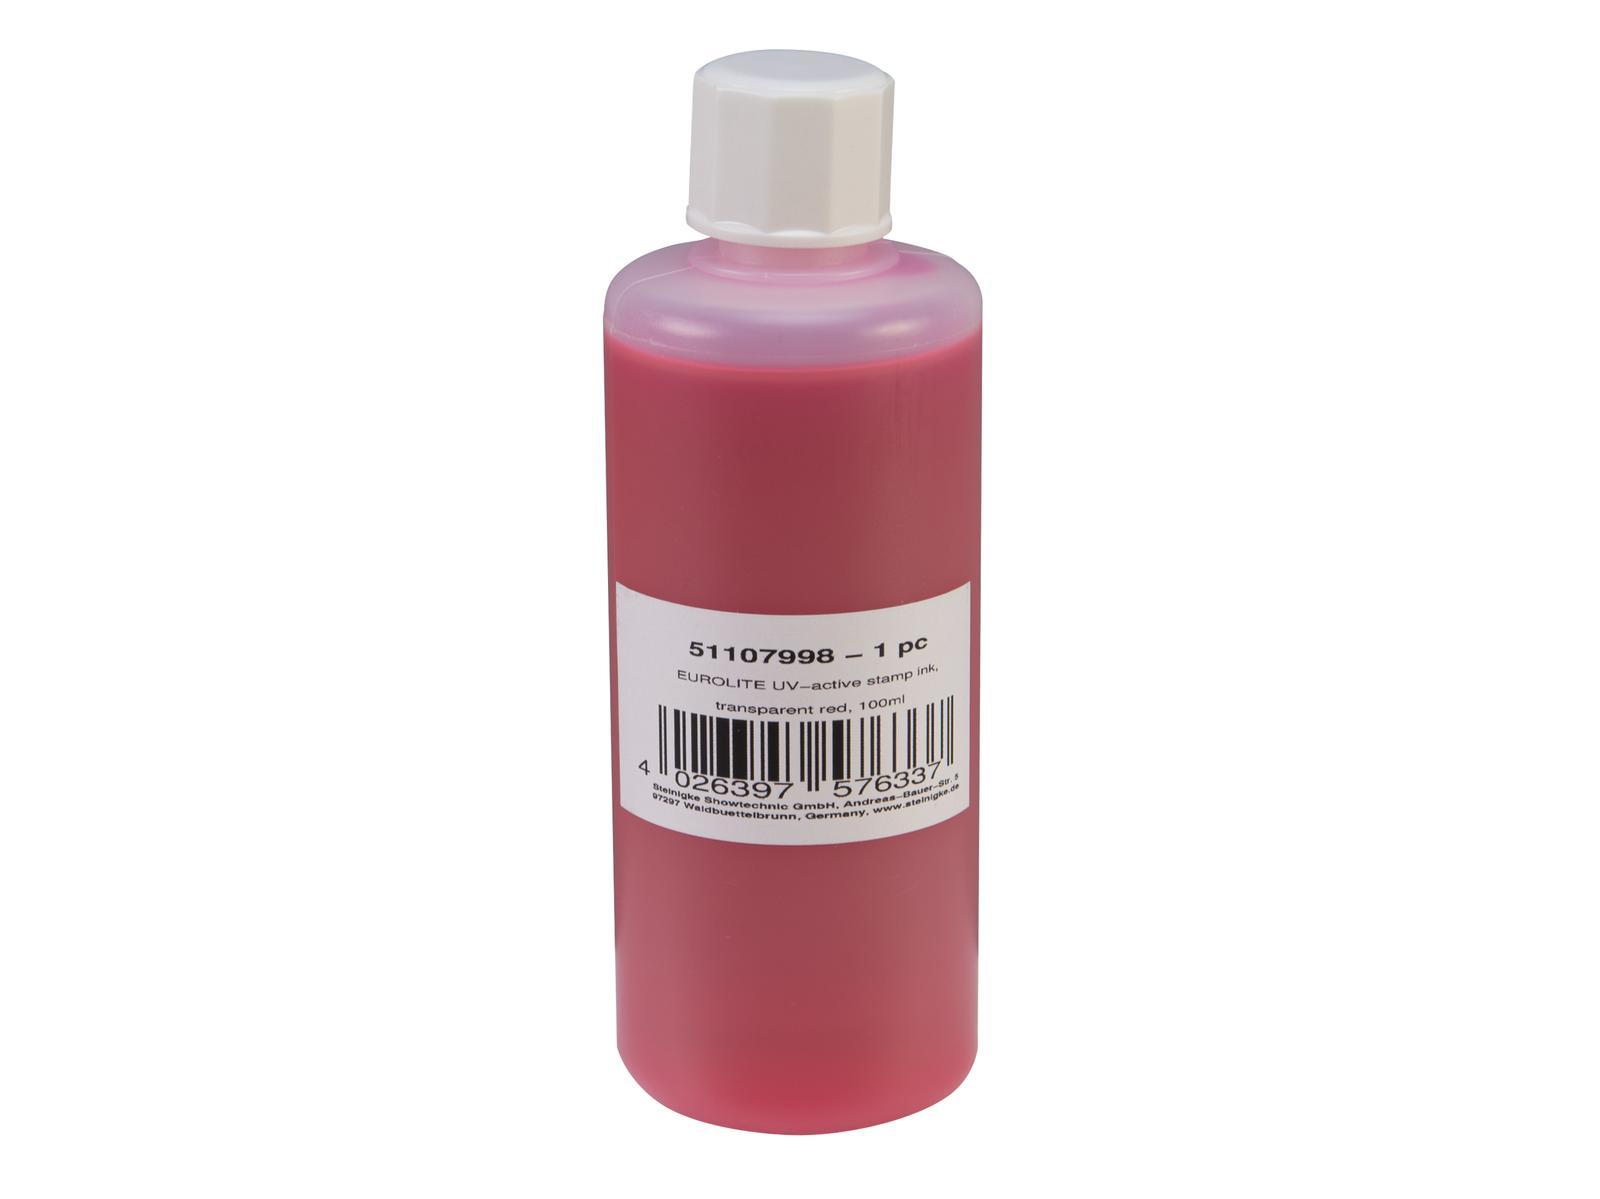 Eurolite UV Stempel væske 100ml Rød